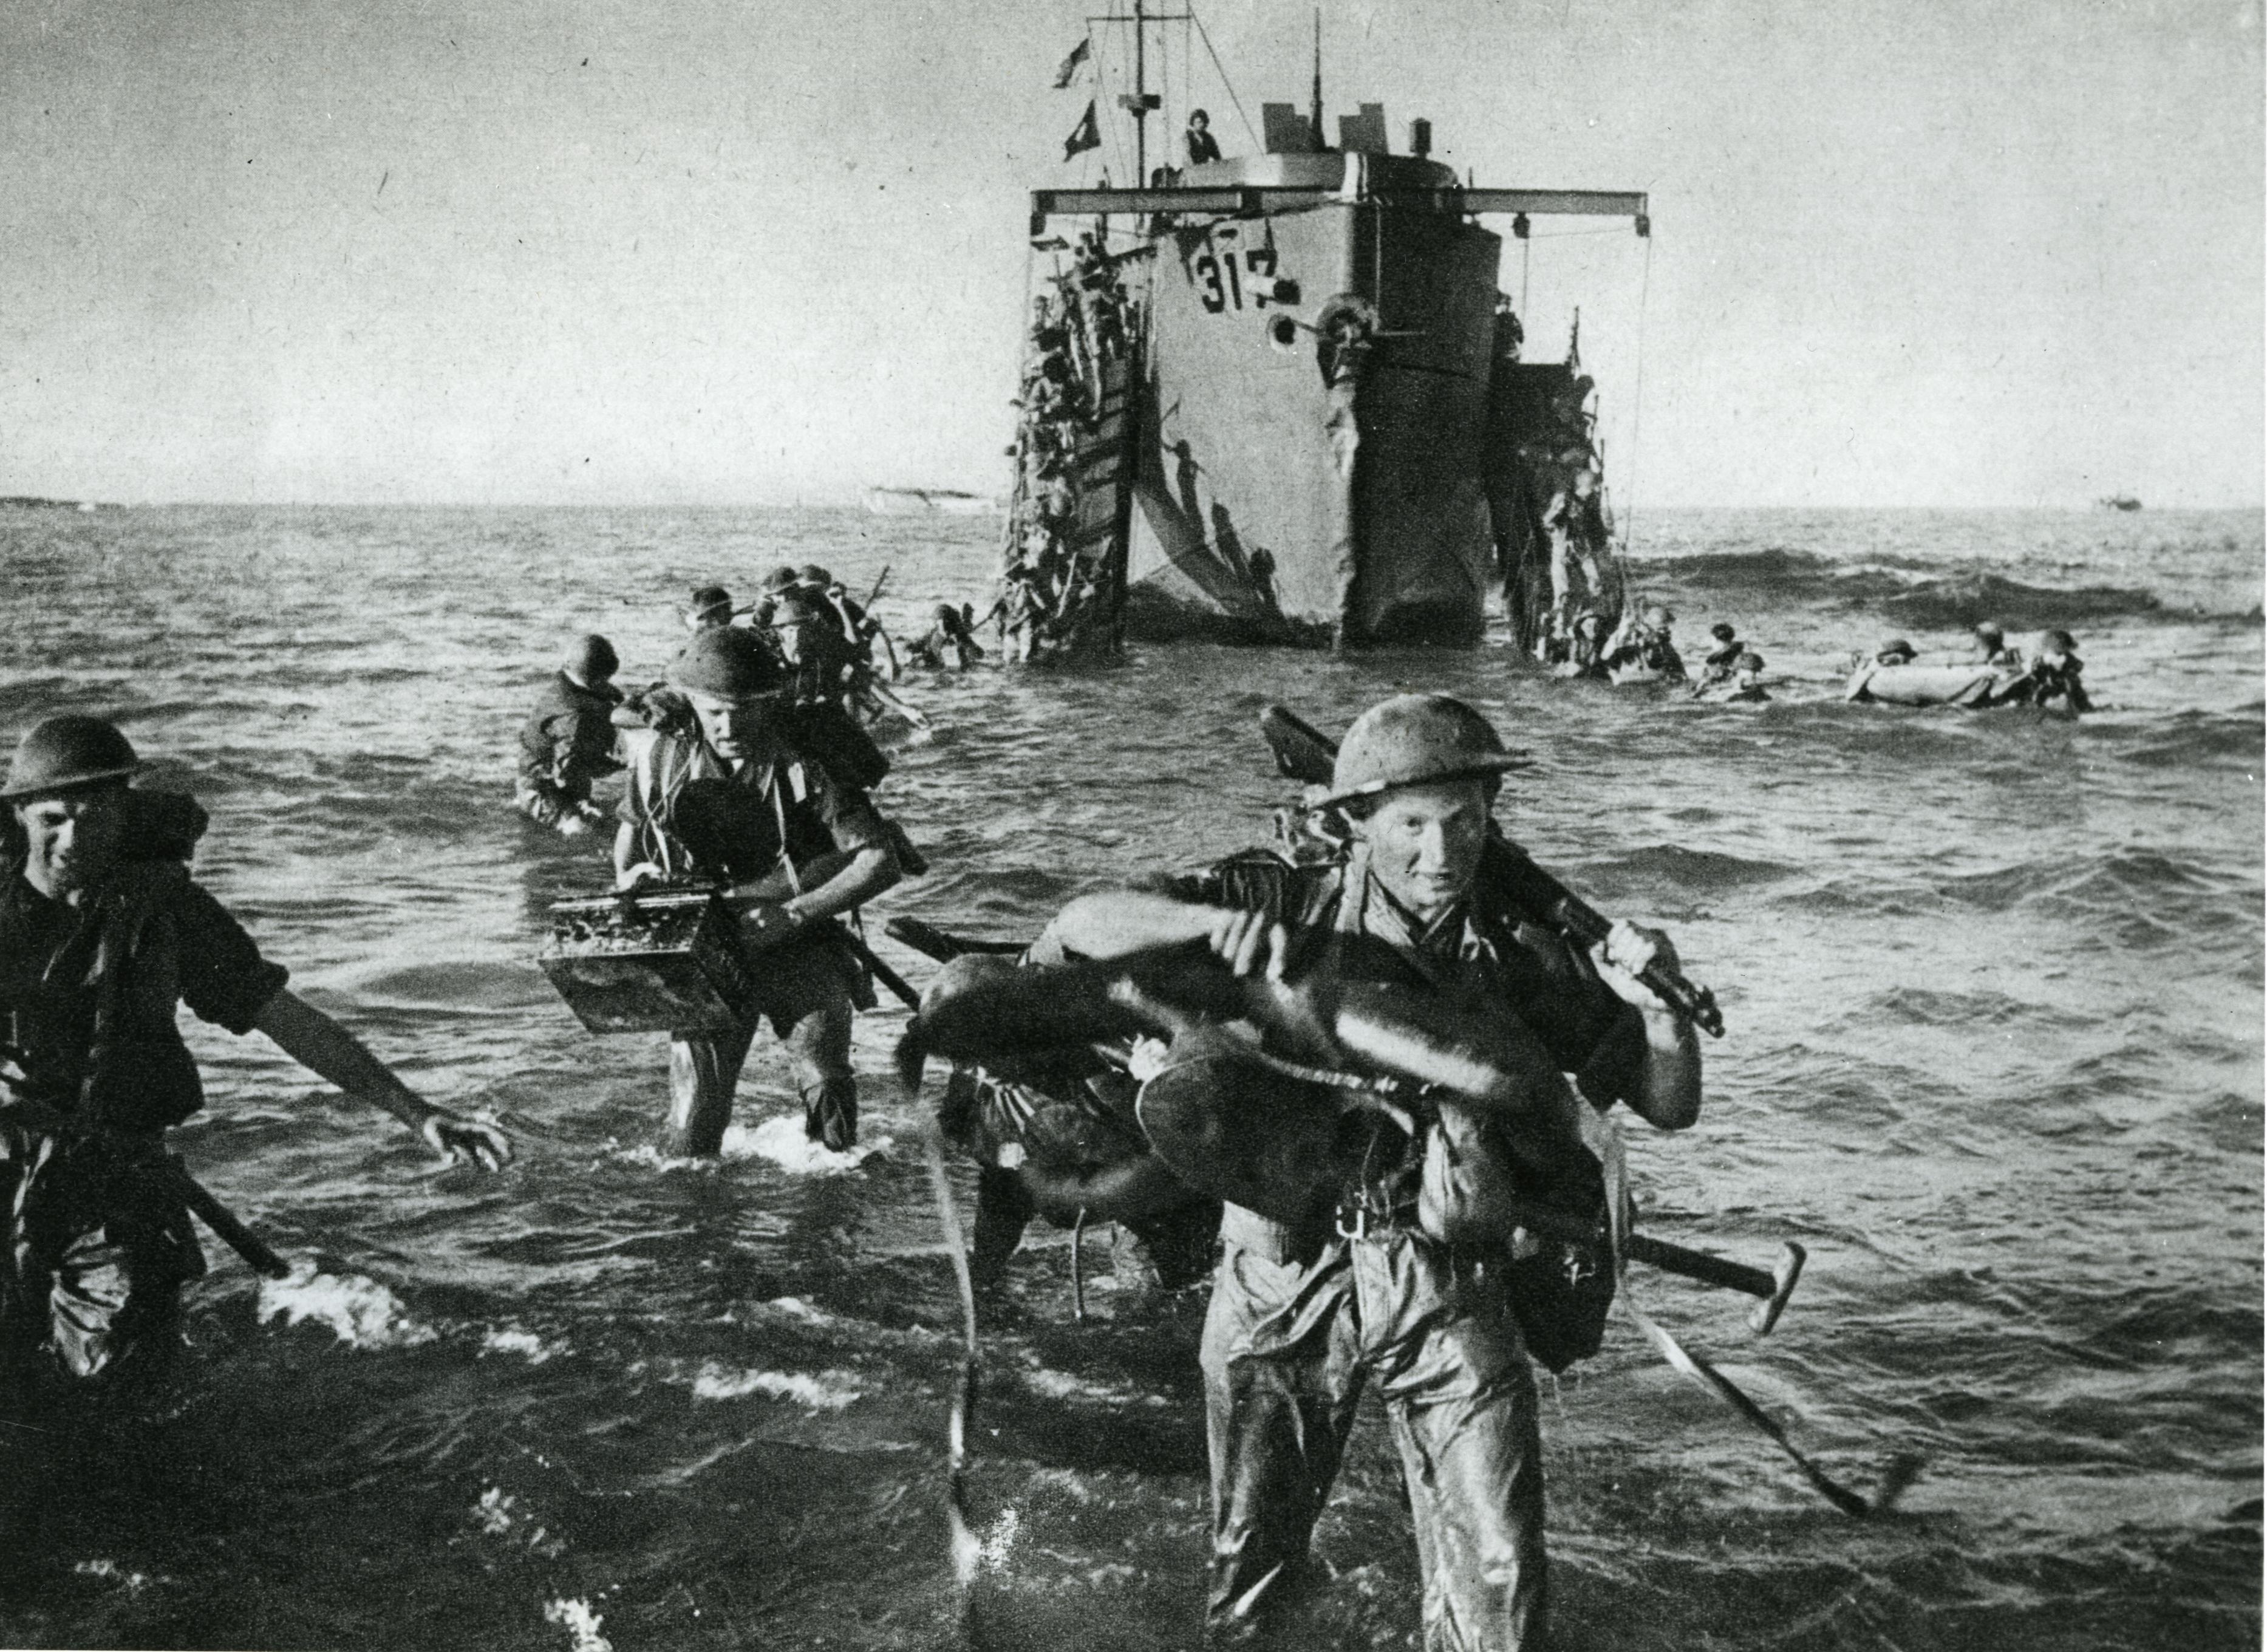 lemo kapitel der zweite weltkrieg kriegsverlauf landung auf